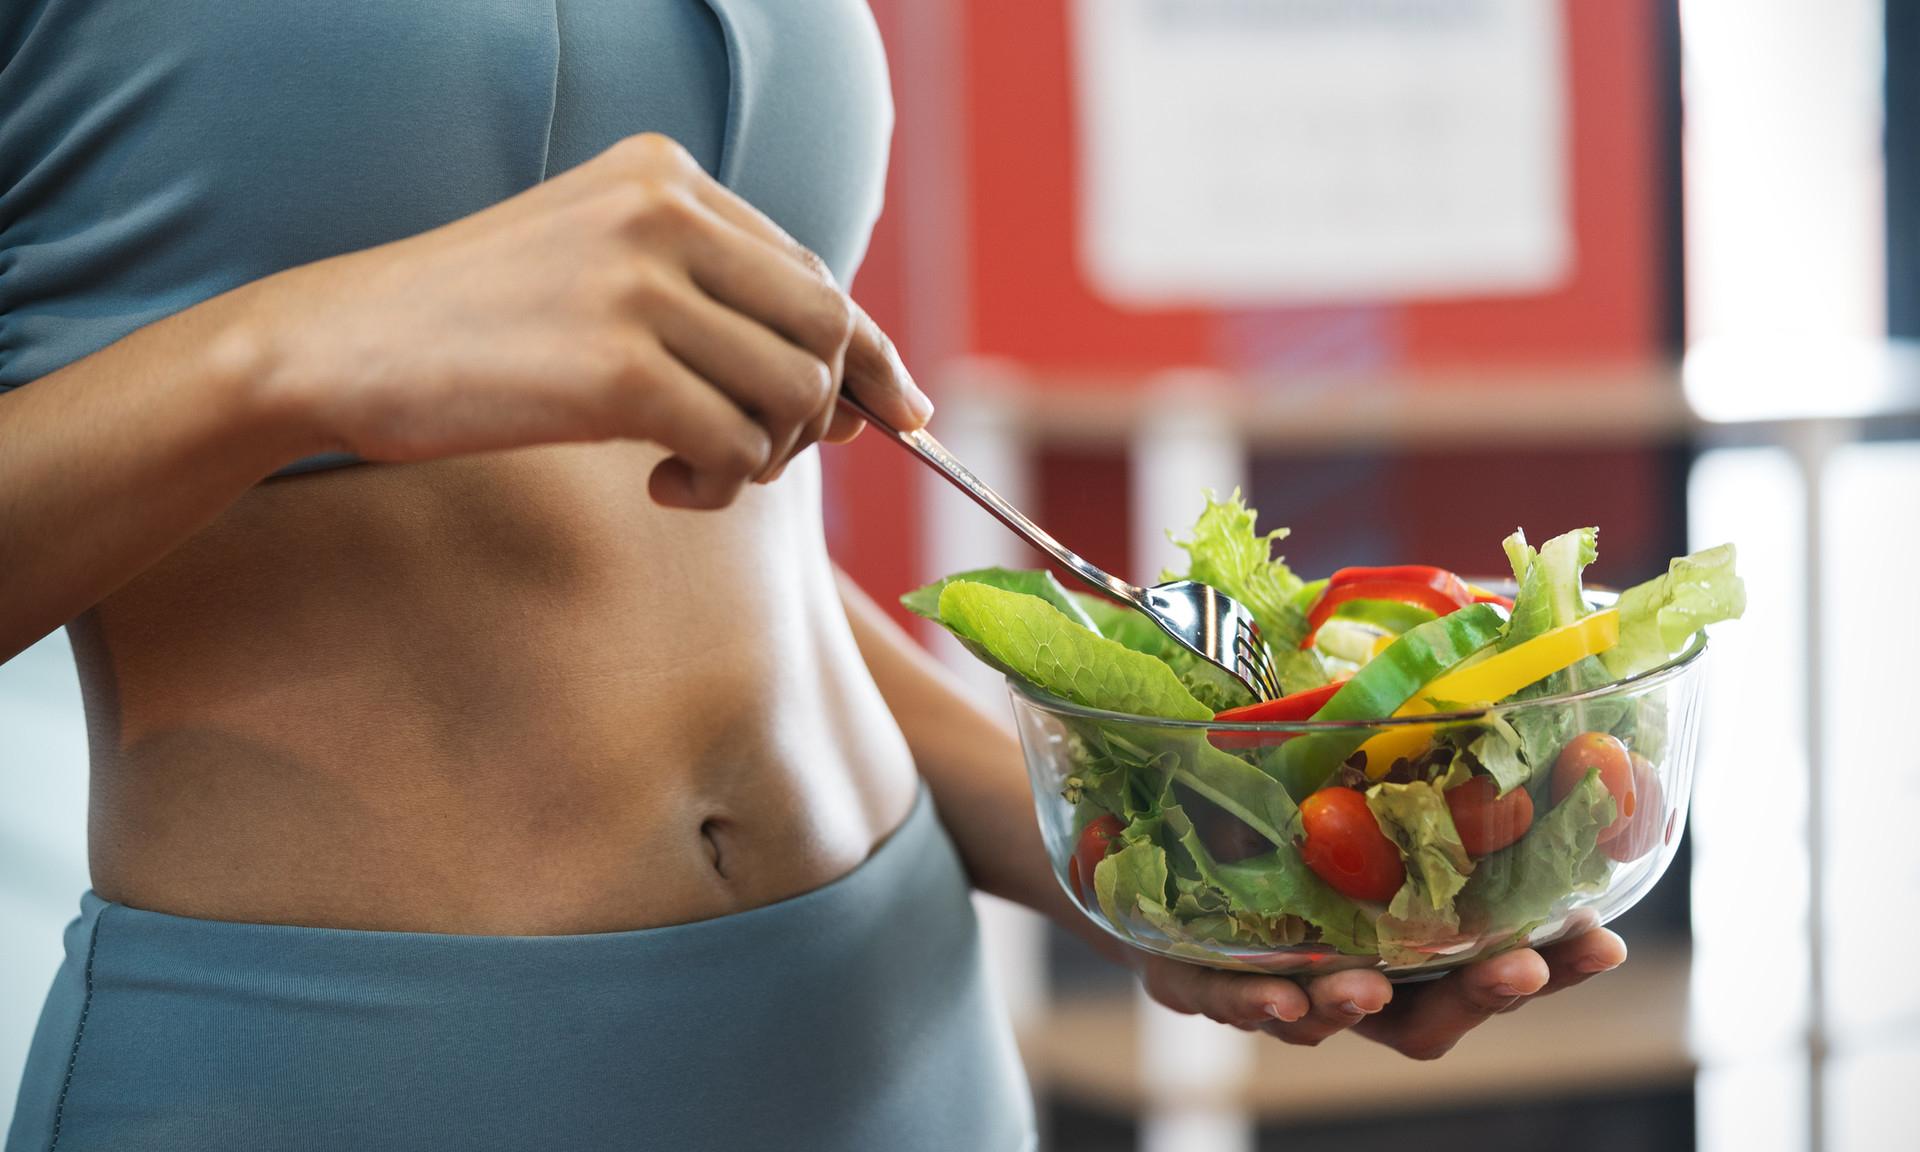 3 популярных способа похудеть, которые на самом деле не работают